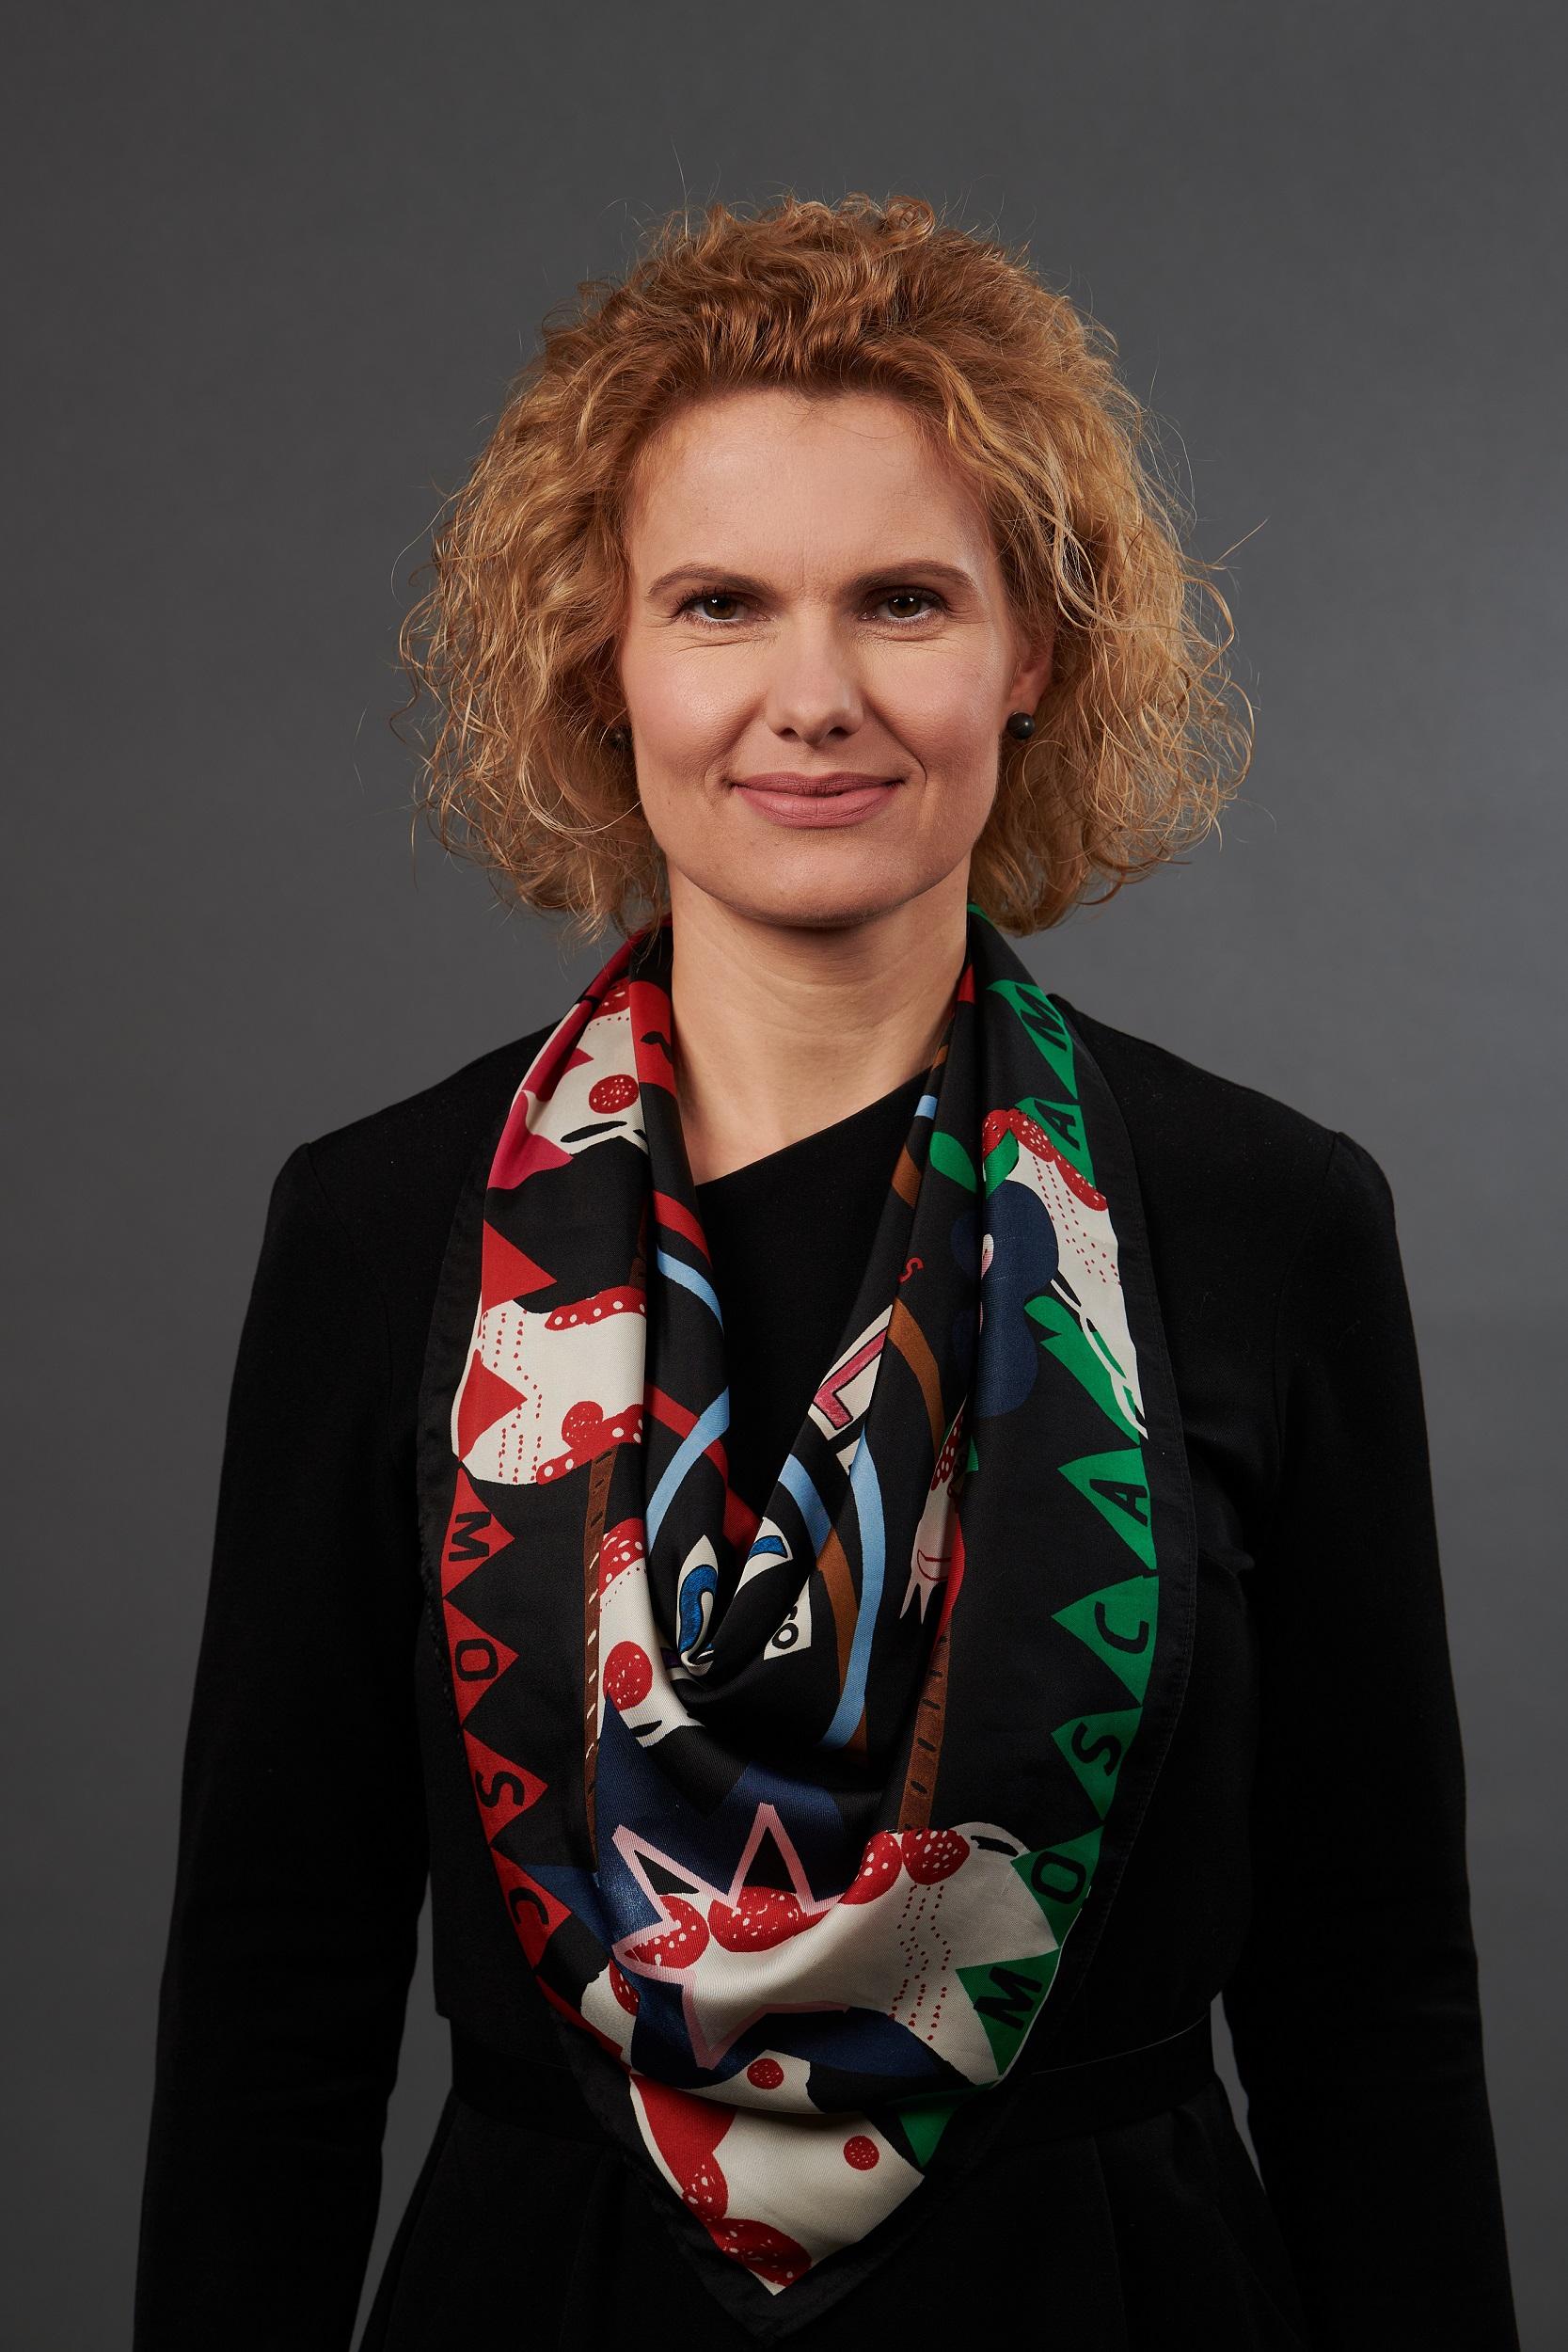 Mihaela Ioniță se alătură echipei Lidl România în calitate de Director Național de Resurse Umane